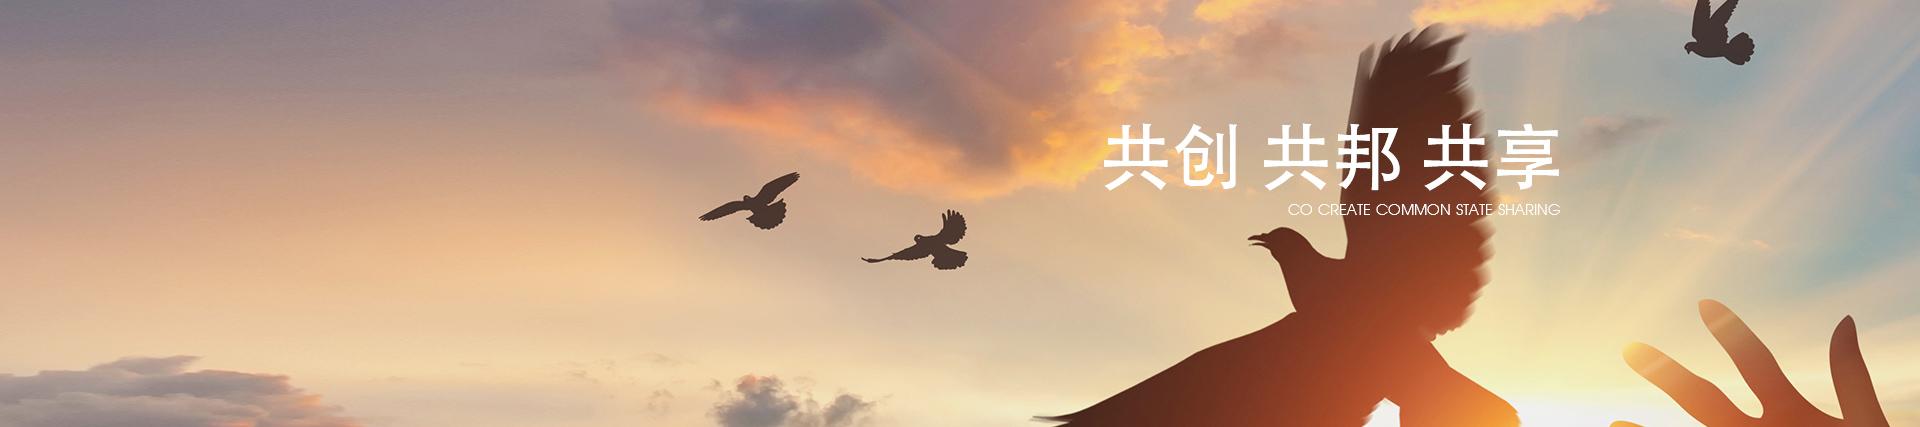 亿博备用网站址实业(集团)